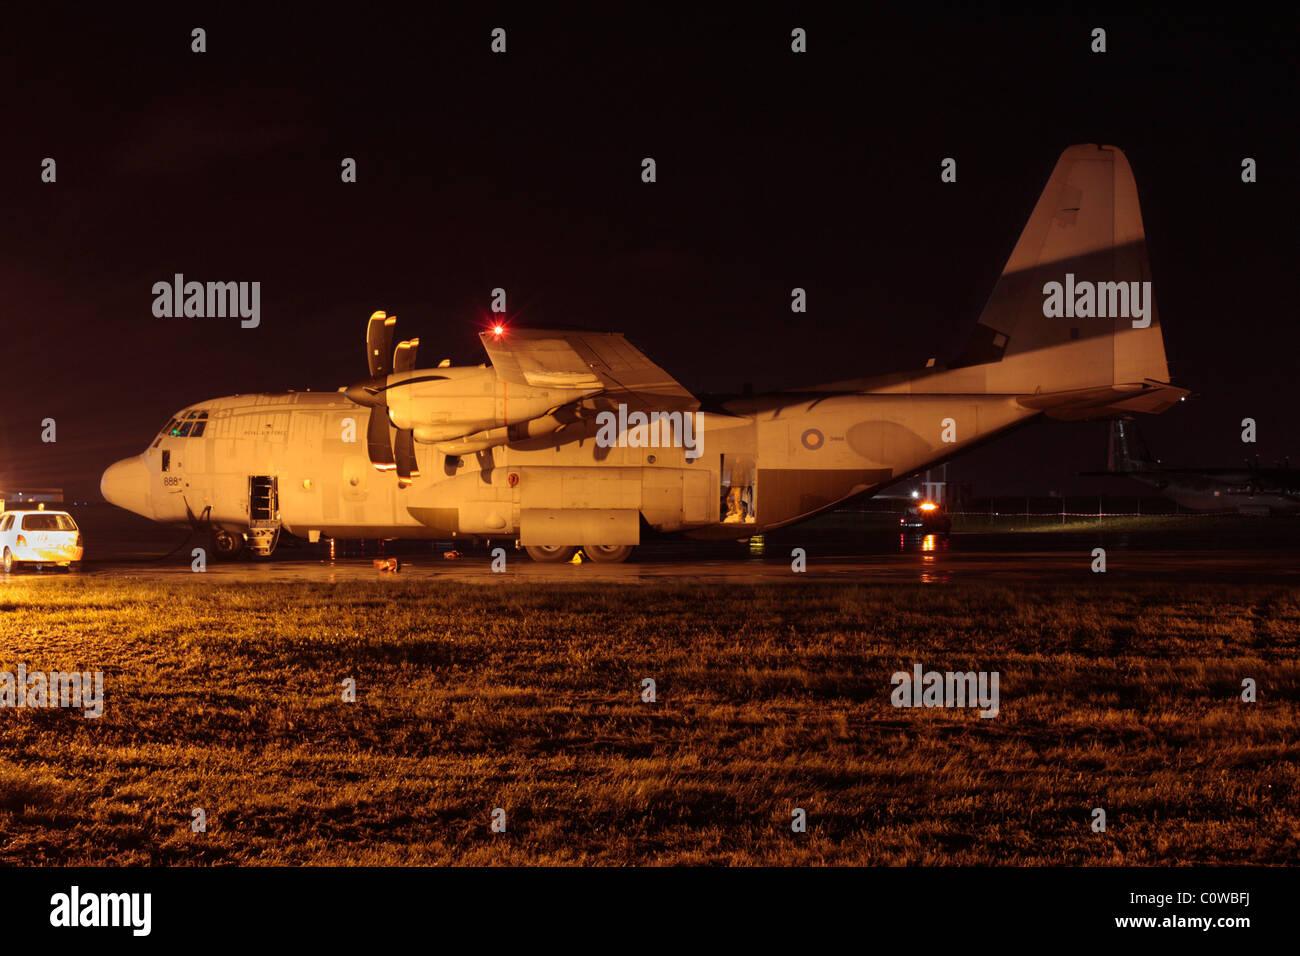 C 130 Hercules Aircraft Stock Photos & C 130 Hercules